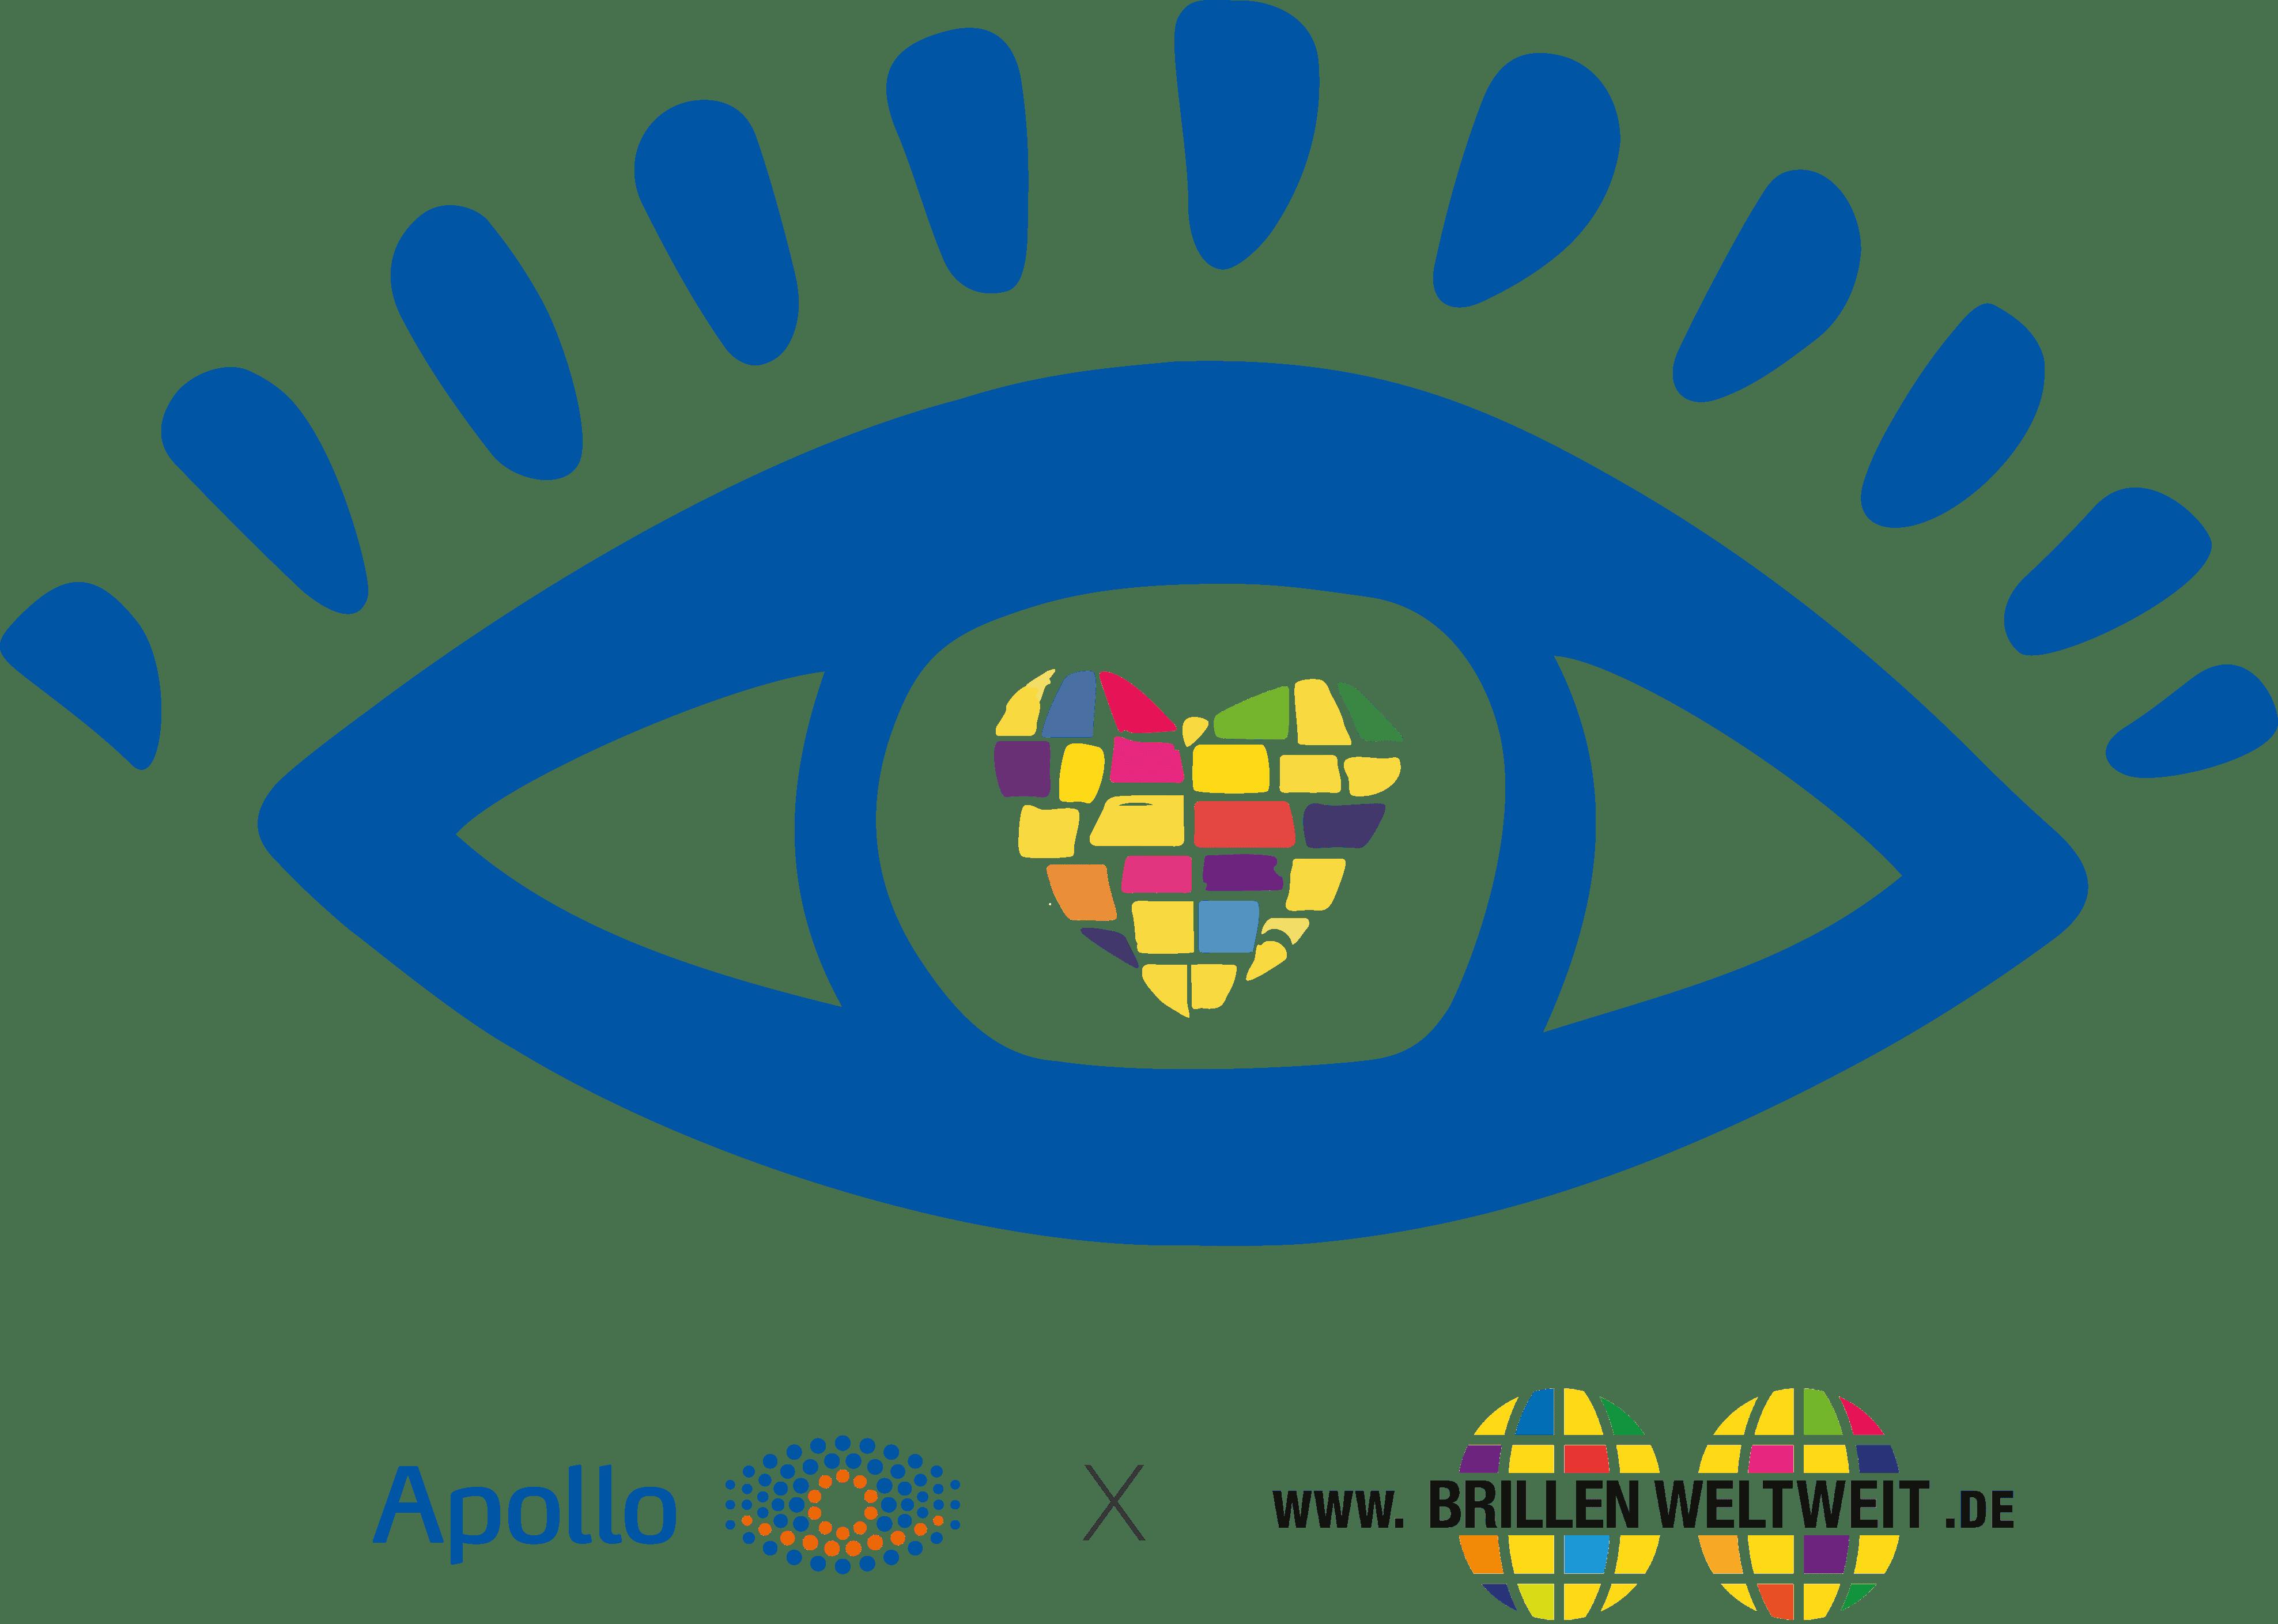 Logo Apollo Brillenweltweit 1080x1080 Transparent